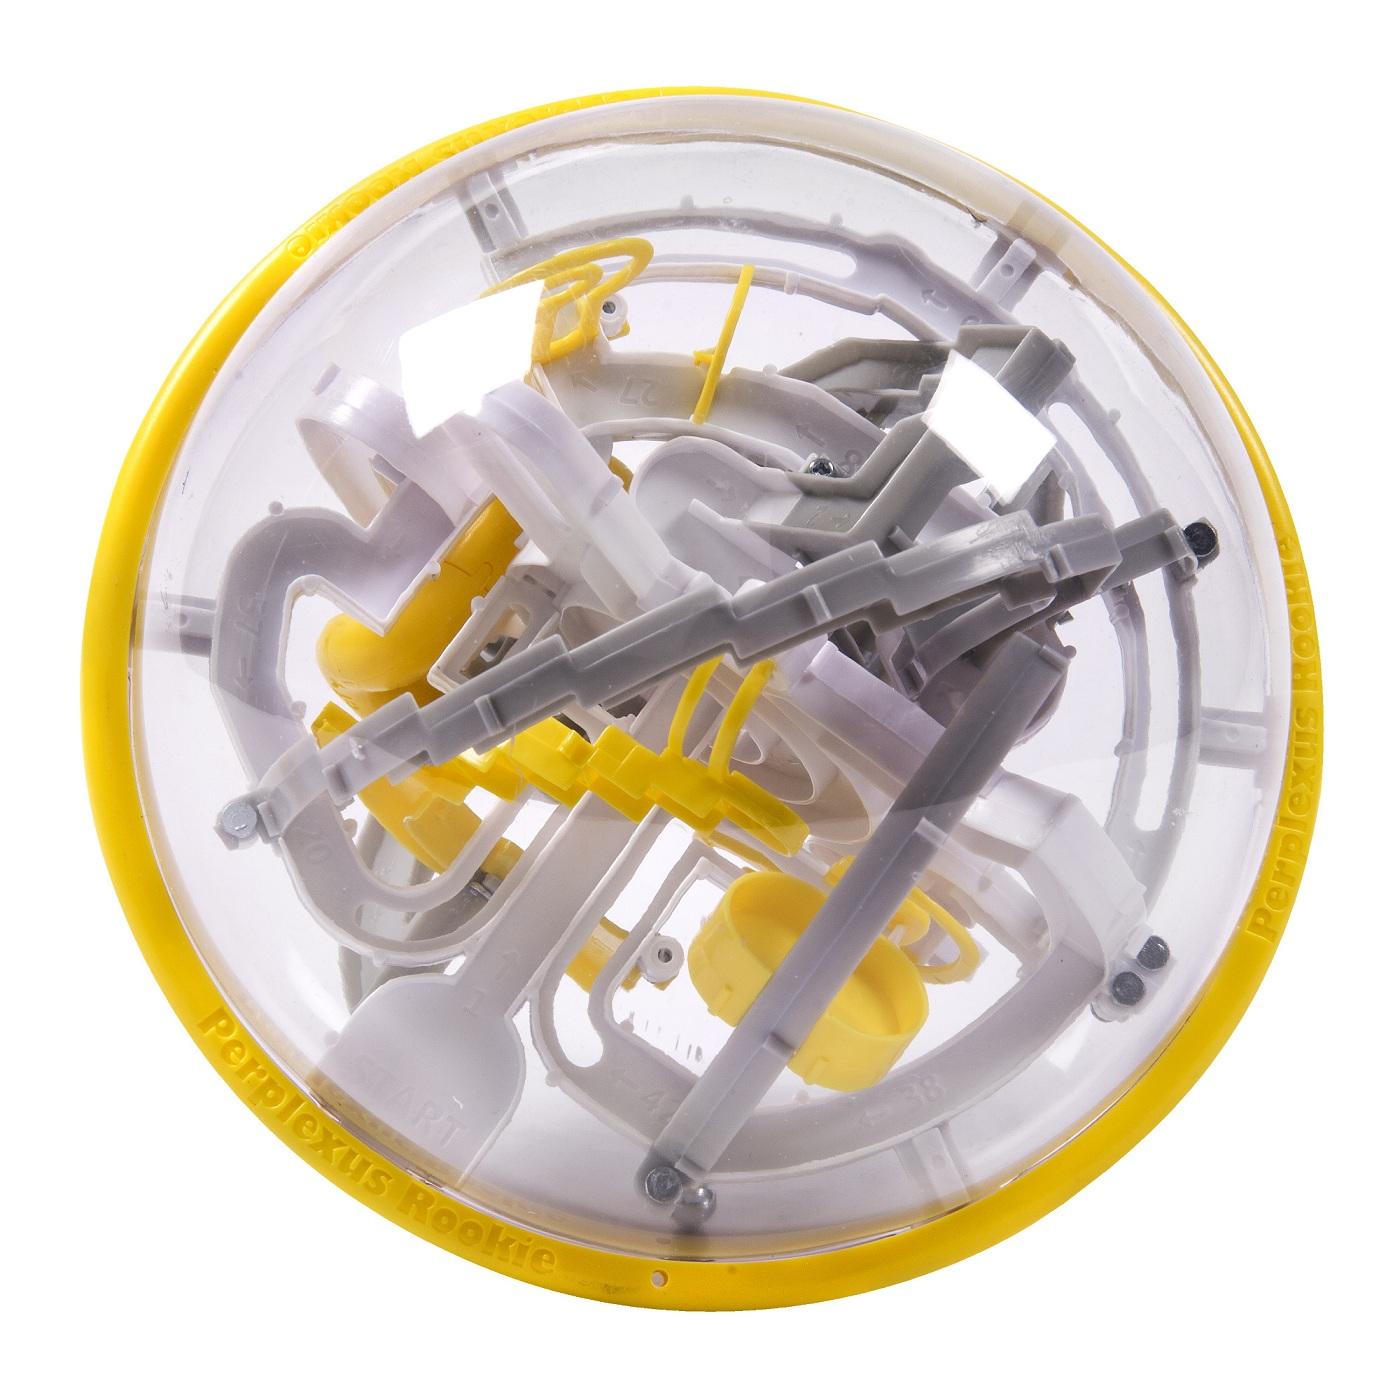 Купить Развивающая головоломка Perplexus Rookie на 70 барьеров, Spin Master